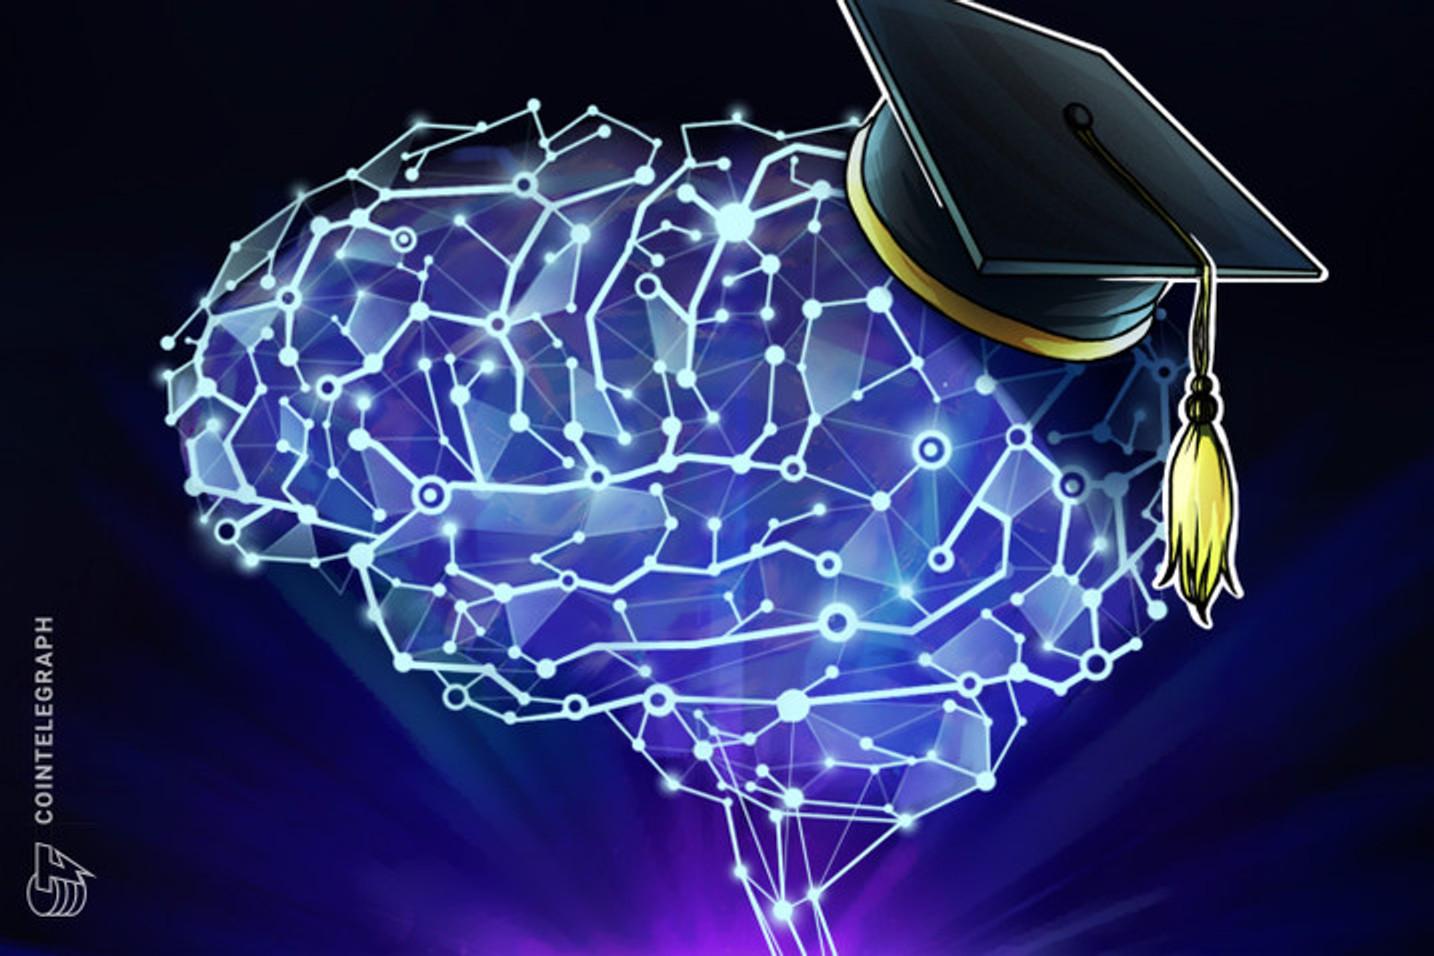 Ministério da Educação lança Diploma Digital com blockchain para todo o ensino público federal do Brasil